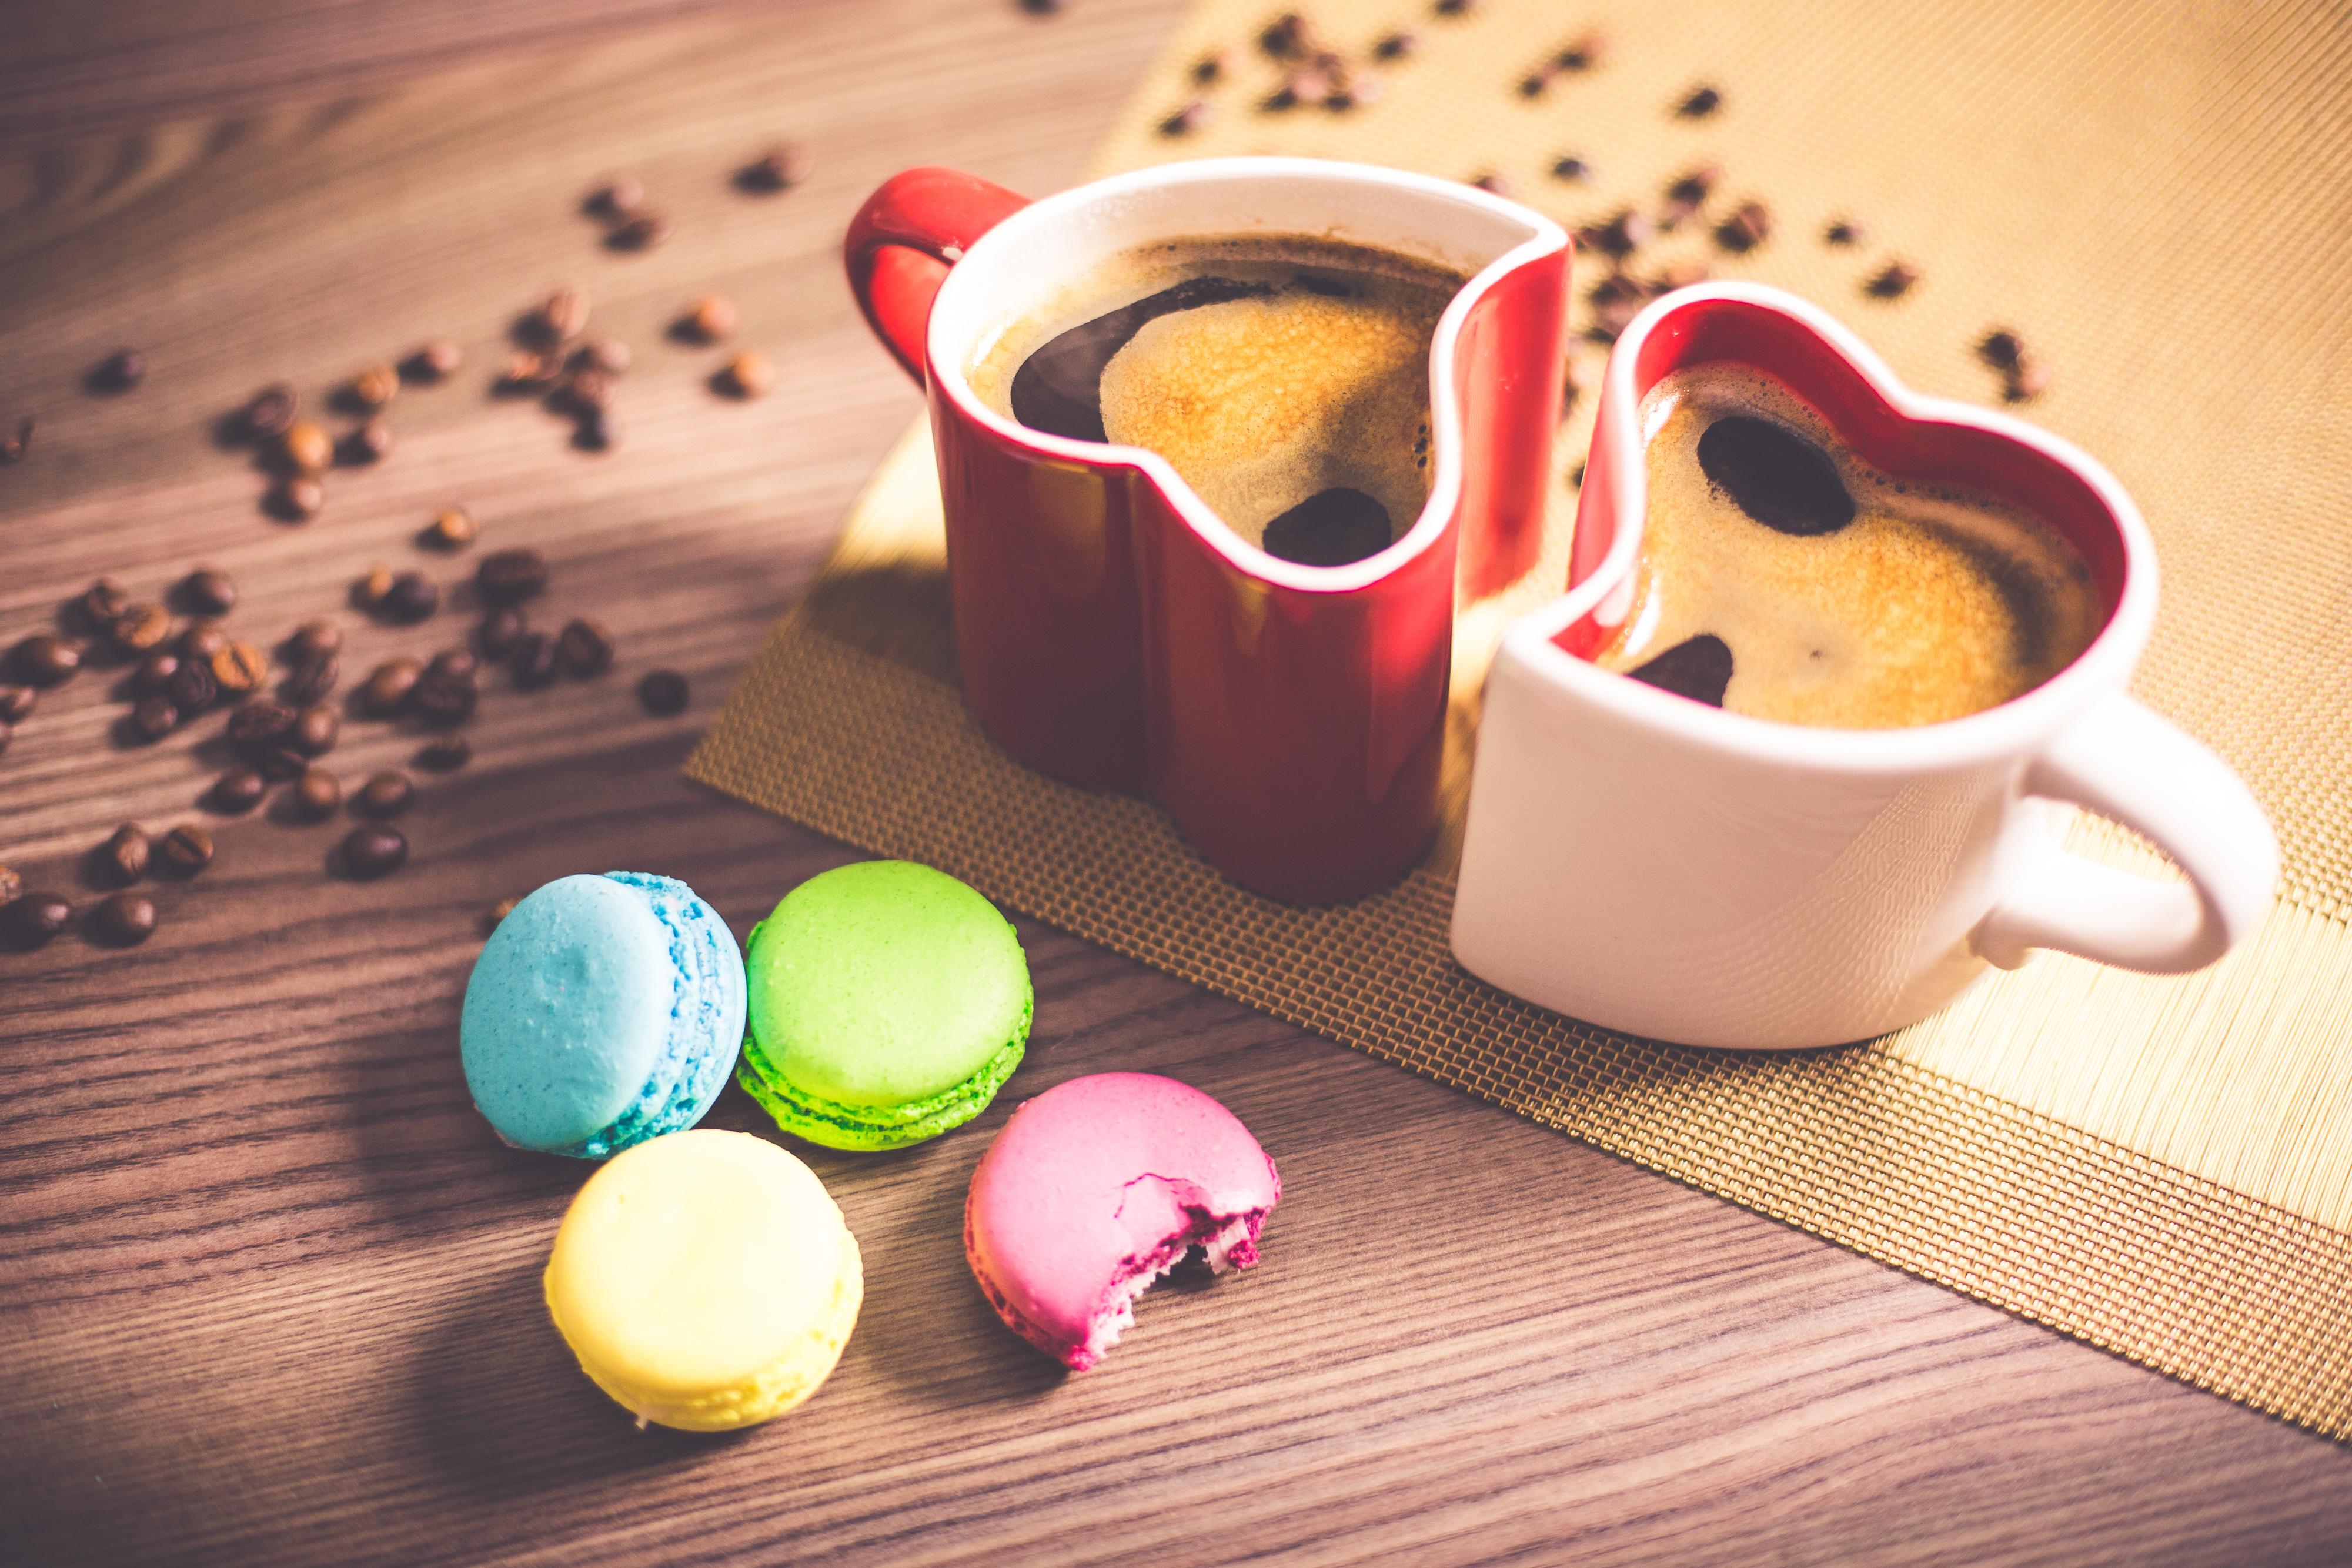 Dzień Matki ugryzione ciastko